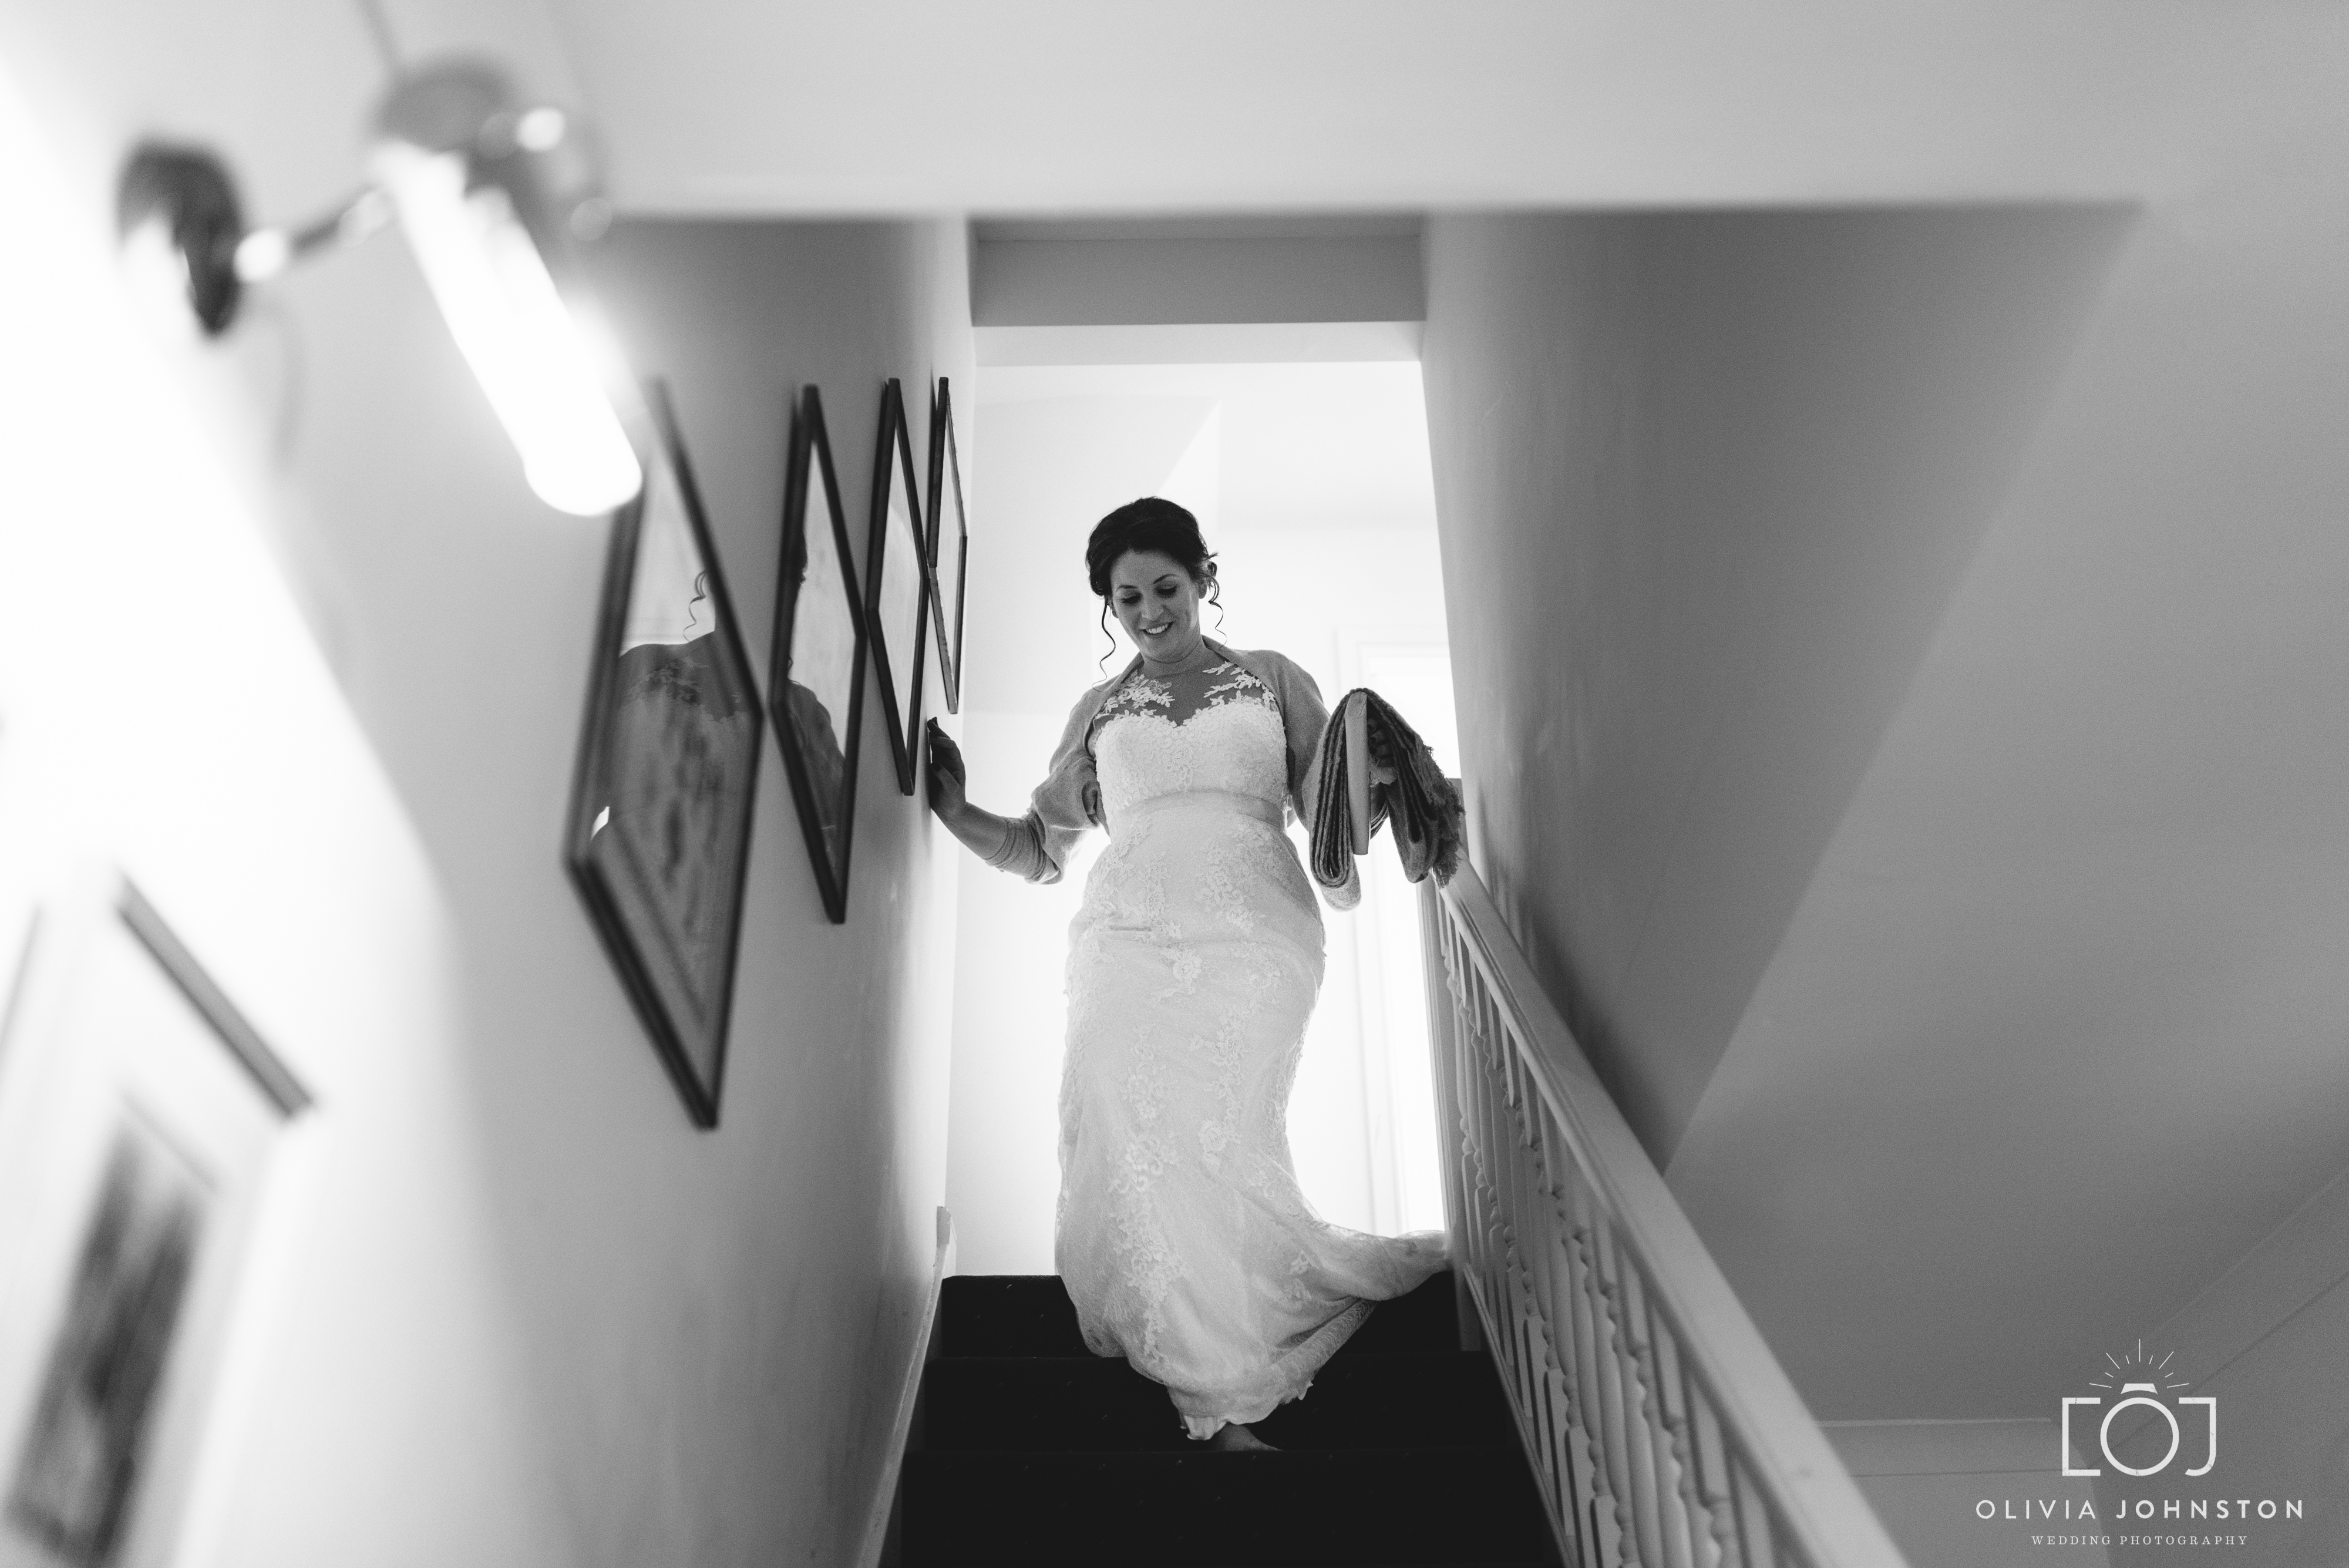 Leicester Wedding Photographer, Documentary Wedding Photography, Melton Mowbray Wedding Photographer